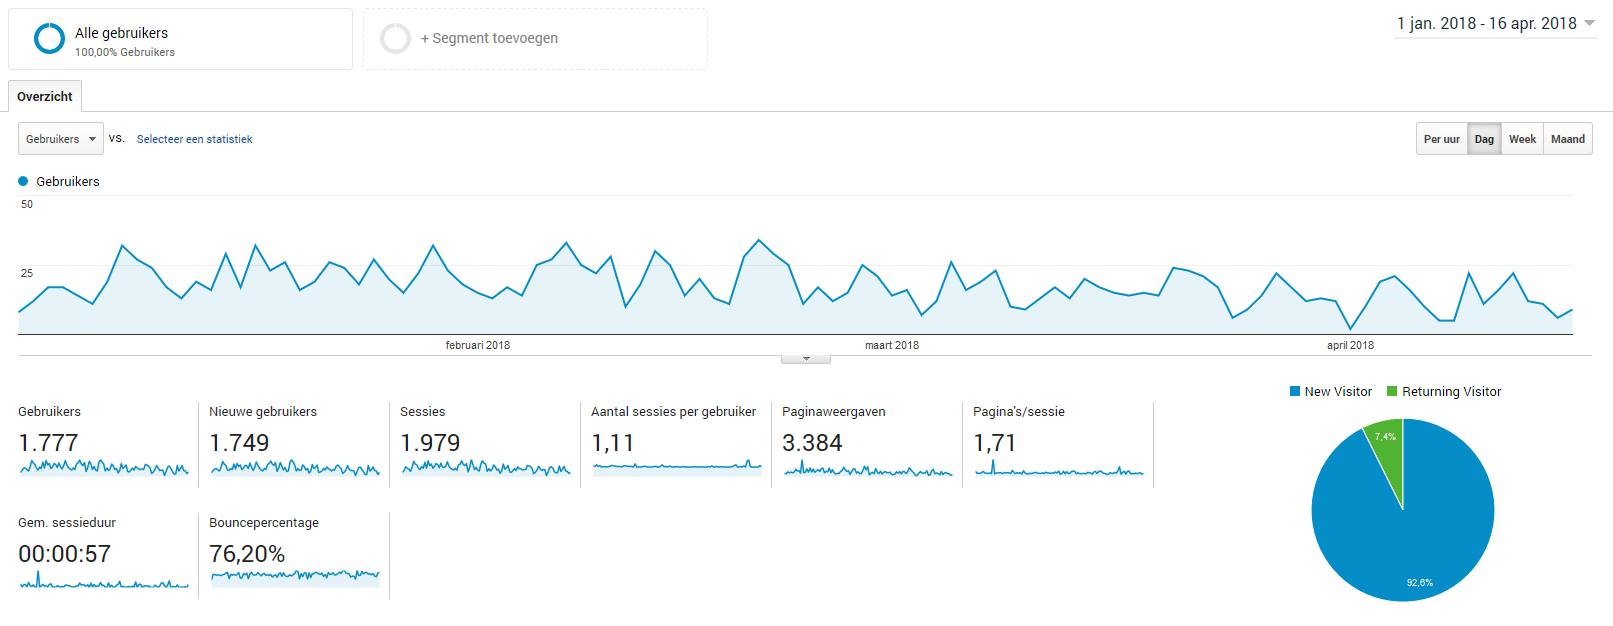 Website over opvoedkunde, kwalitatief, veel content en bezoekers - 2012-analytics-png